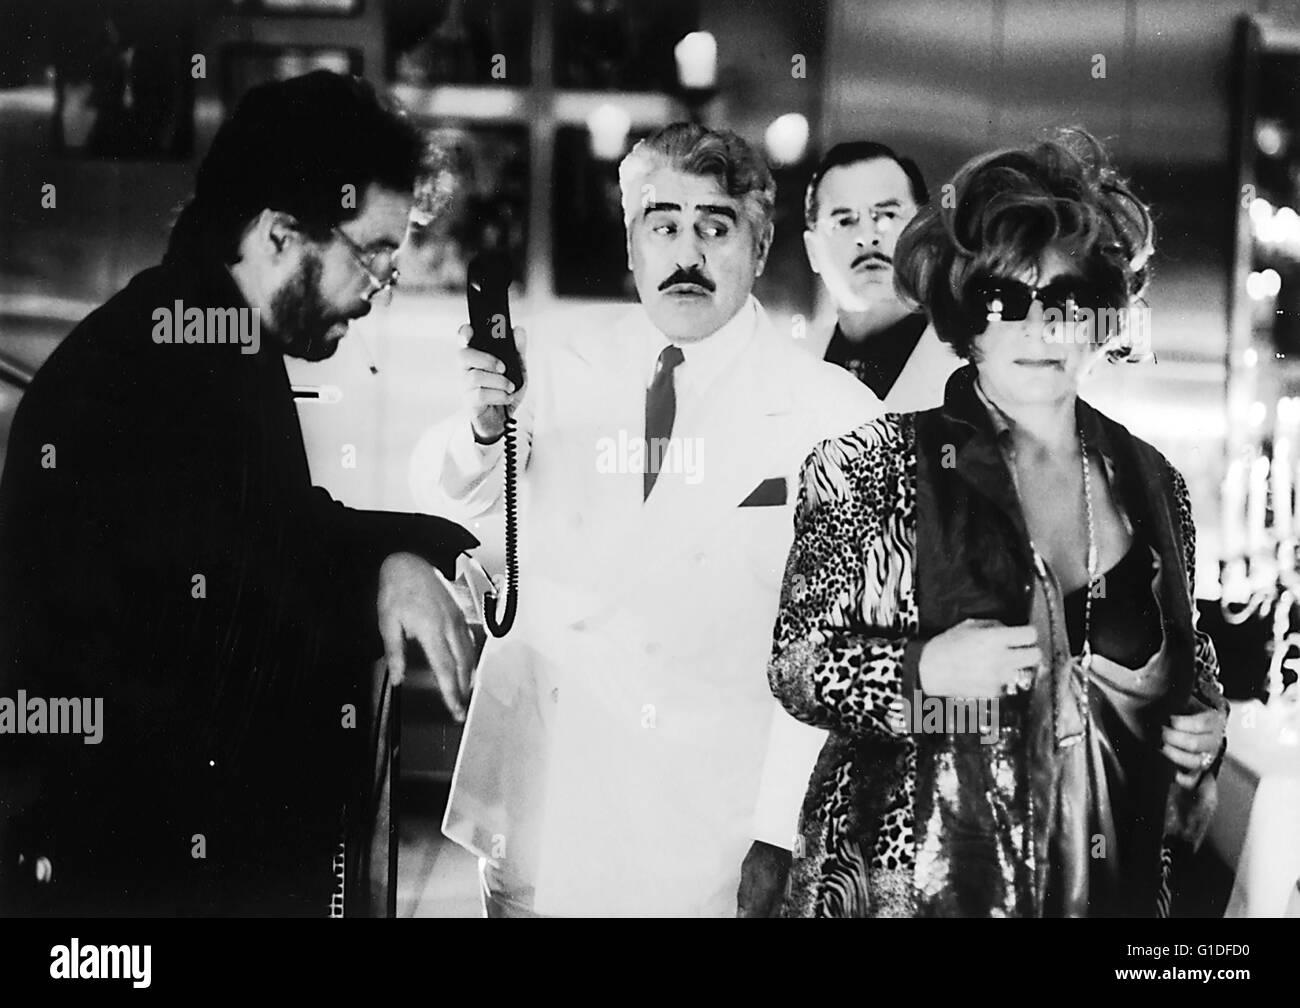 Rossini - Oder Die Mörderische Frage, Wer Mit Wem Schlief / Götz George / Mario Adorf / Burghart Klaußner Stockbild